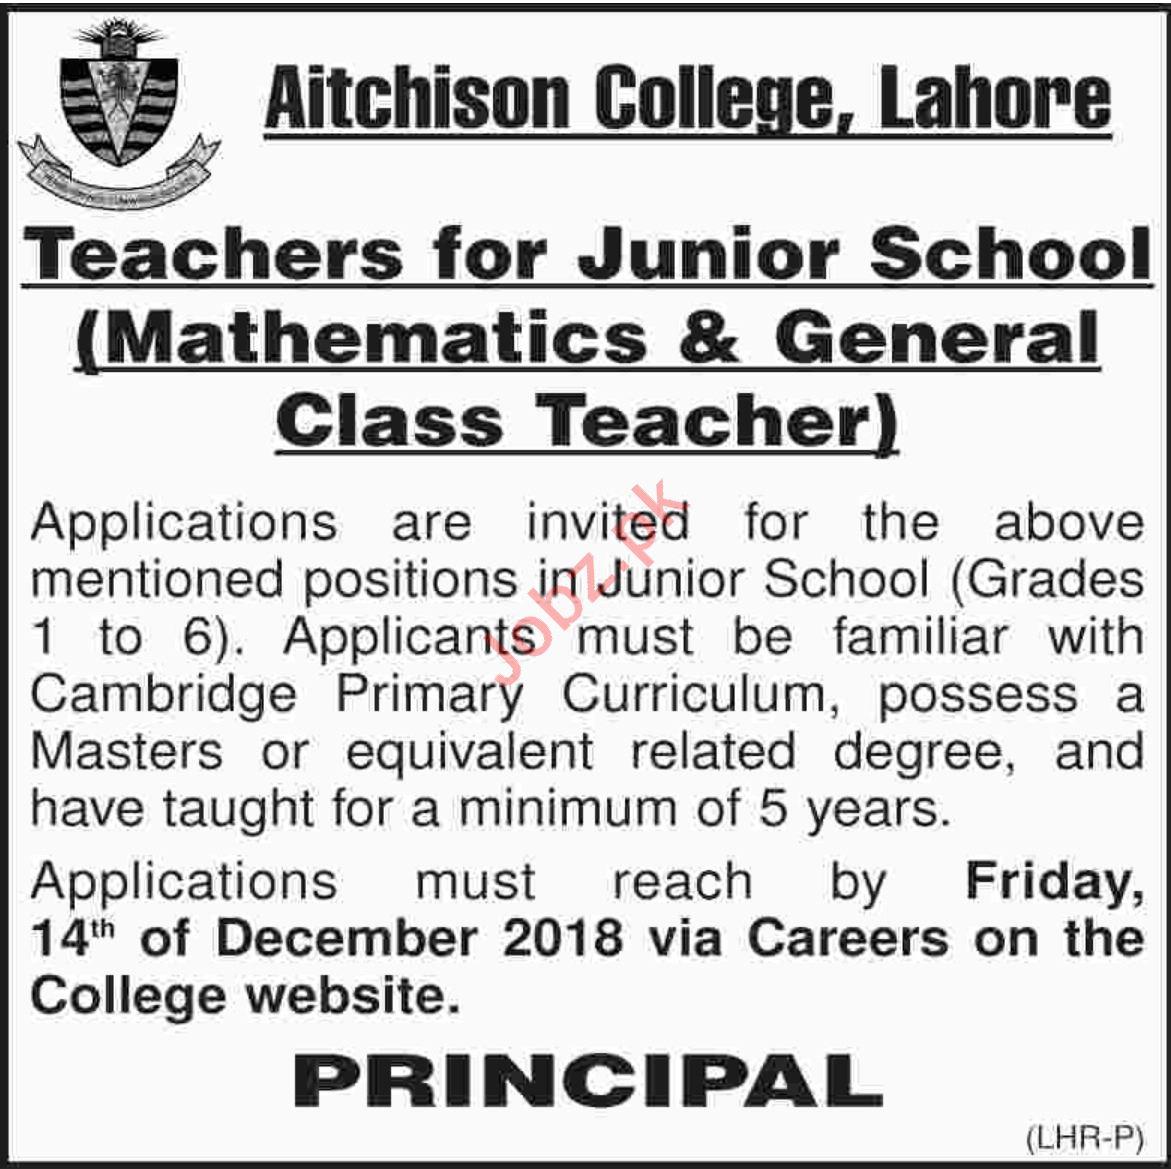 Aitchison College Lahore Jobs 2019 for Teachers